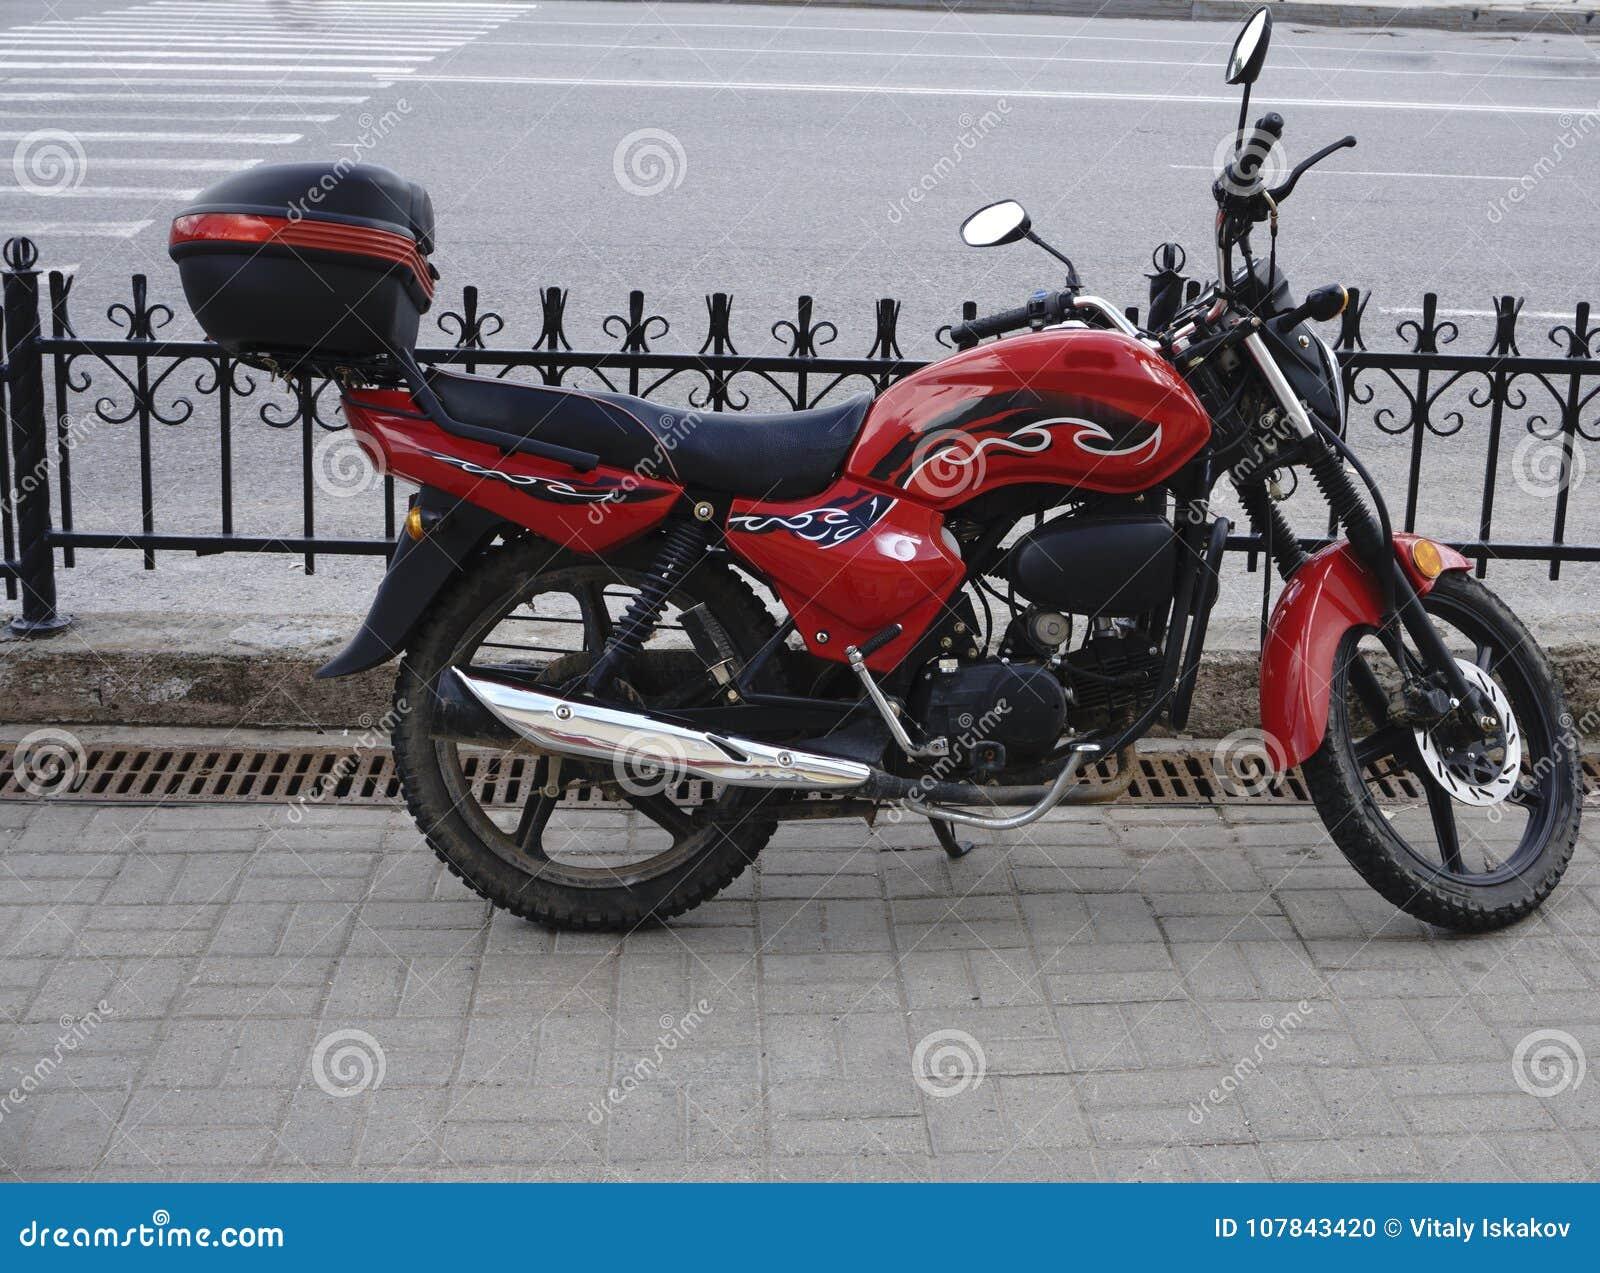 Μοτοσικλέτα με μια κόκκινη απόχρωση και ένα δροσερό υπόβαθρο